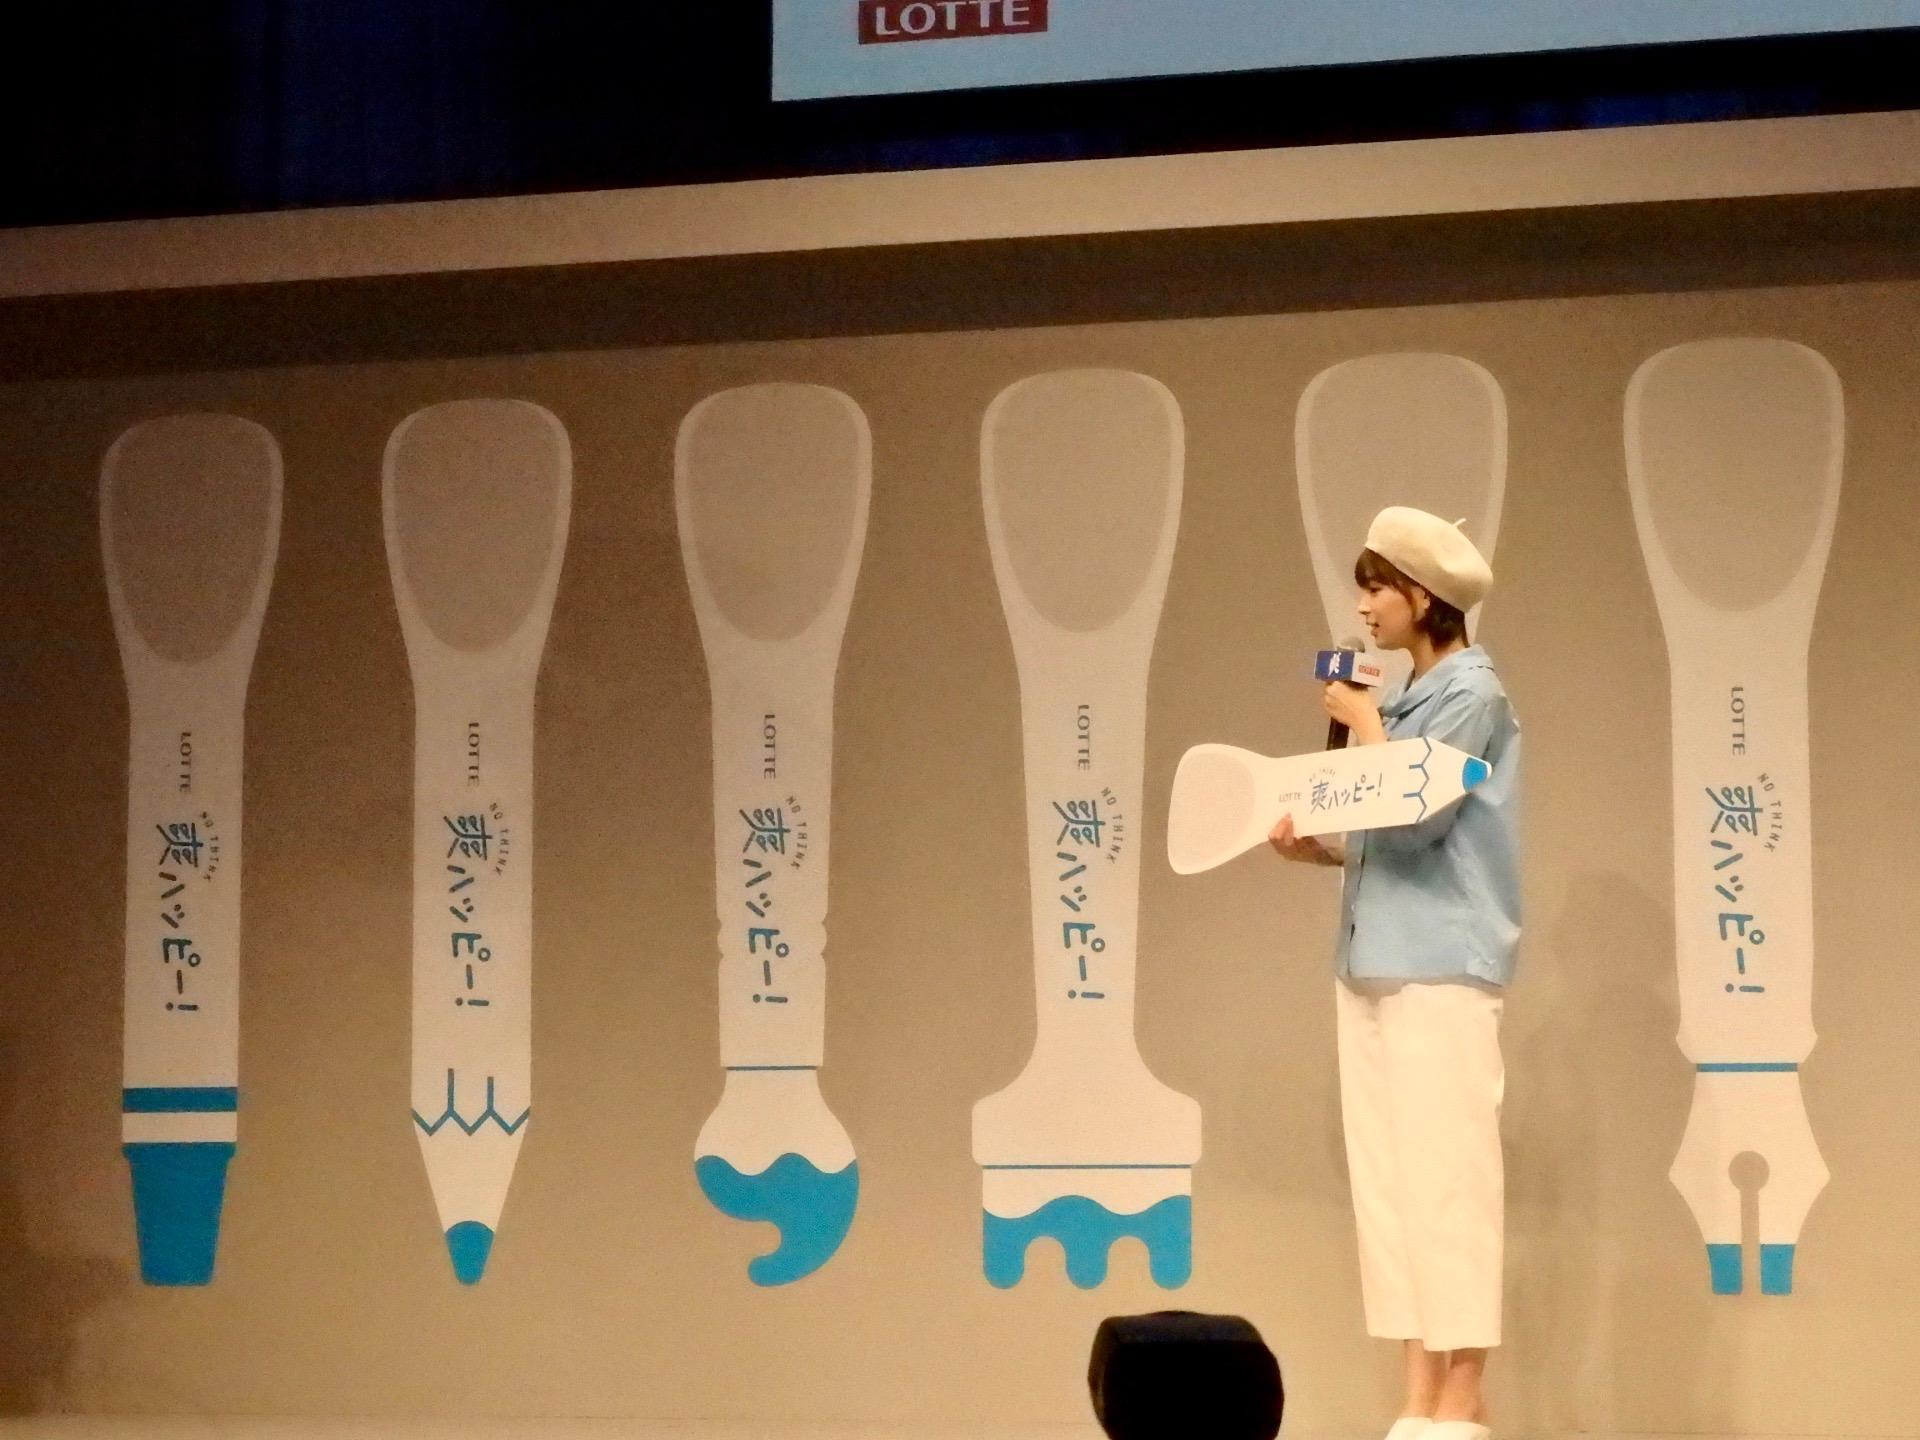 http://news.yoshimoto.co.jp/20180612211809-7efa6f25a06385b7ec41b612626c59ed3911d048.jpg